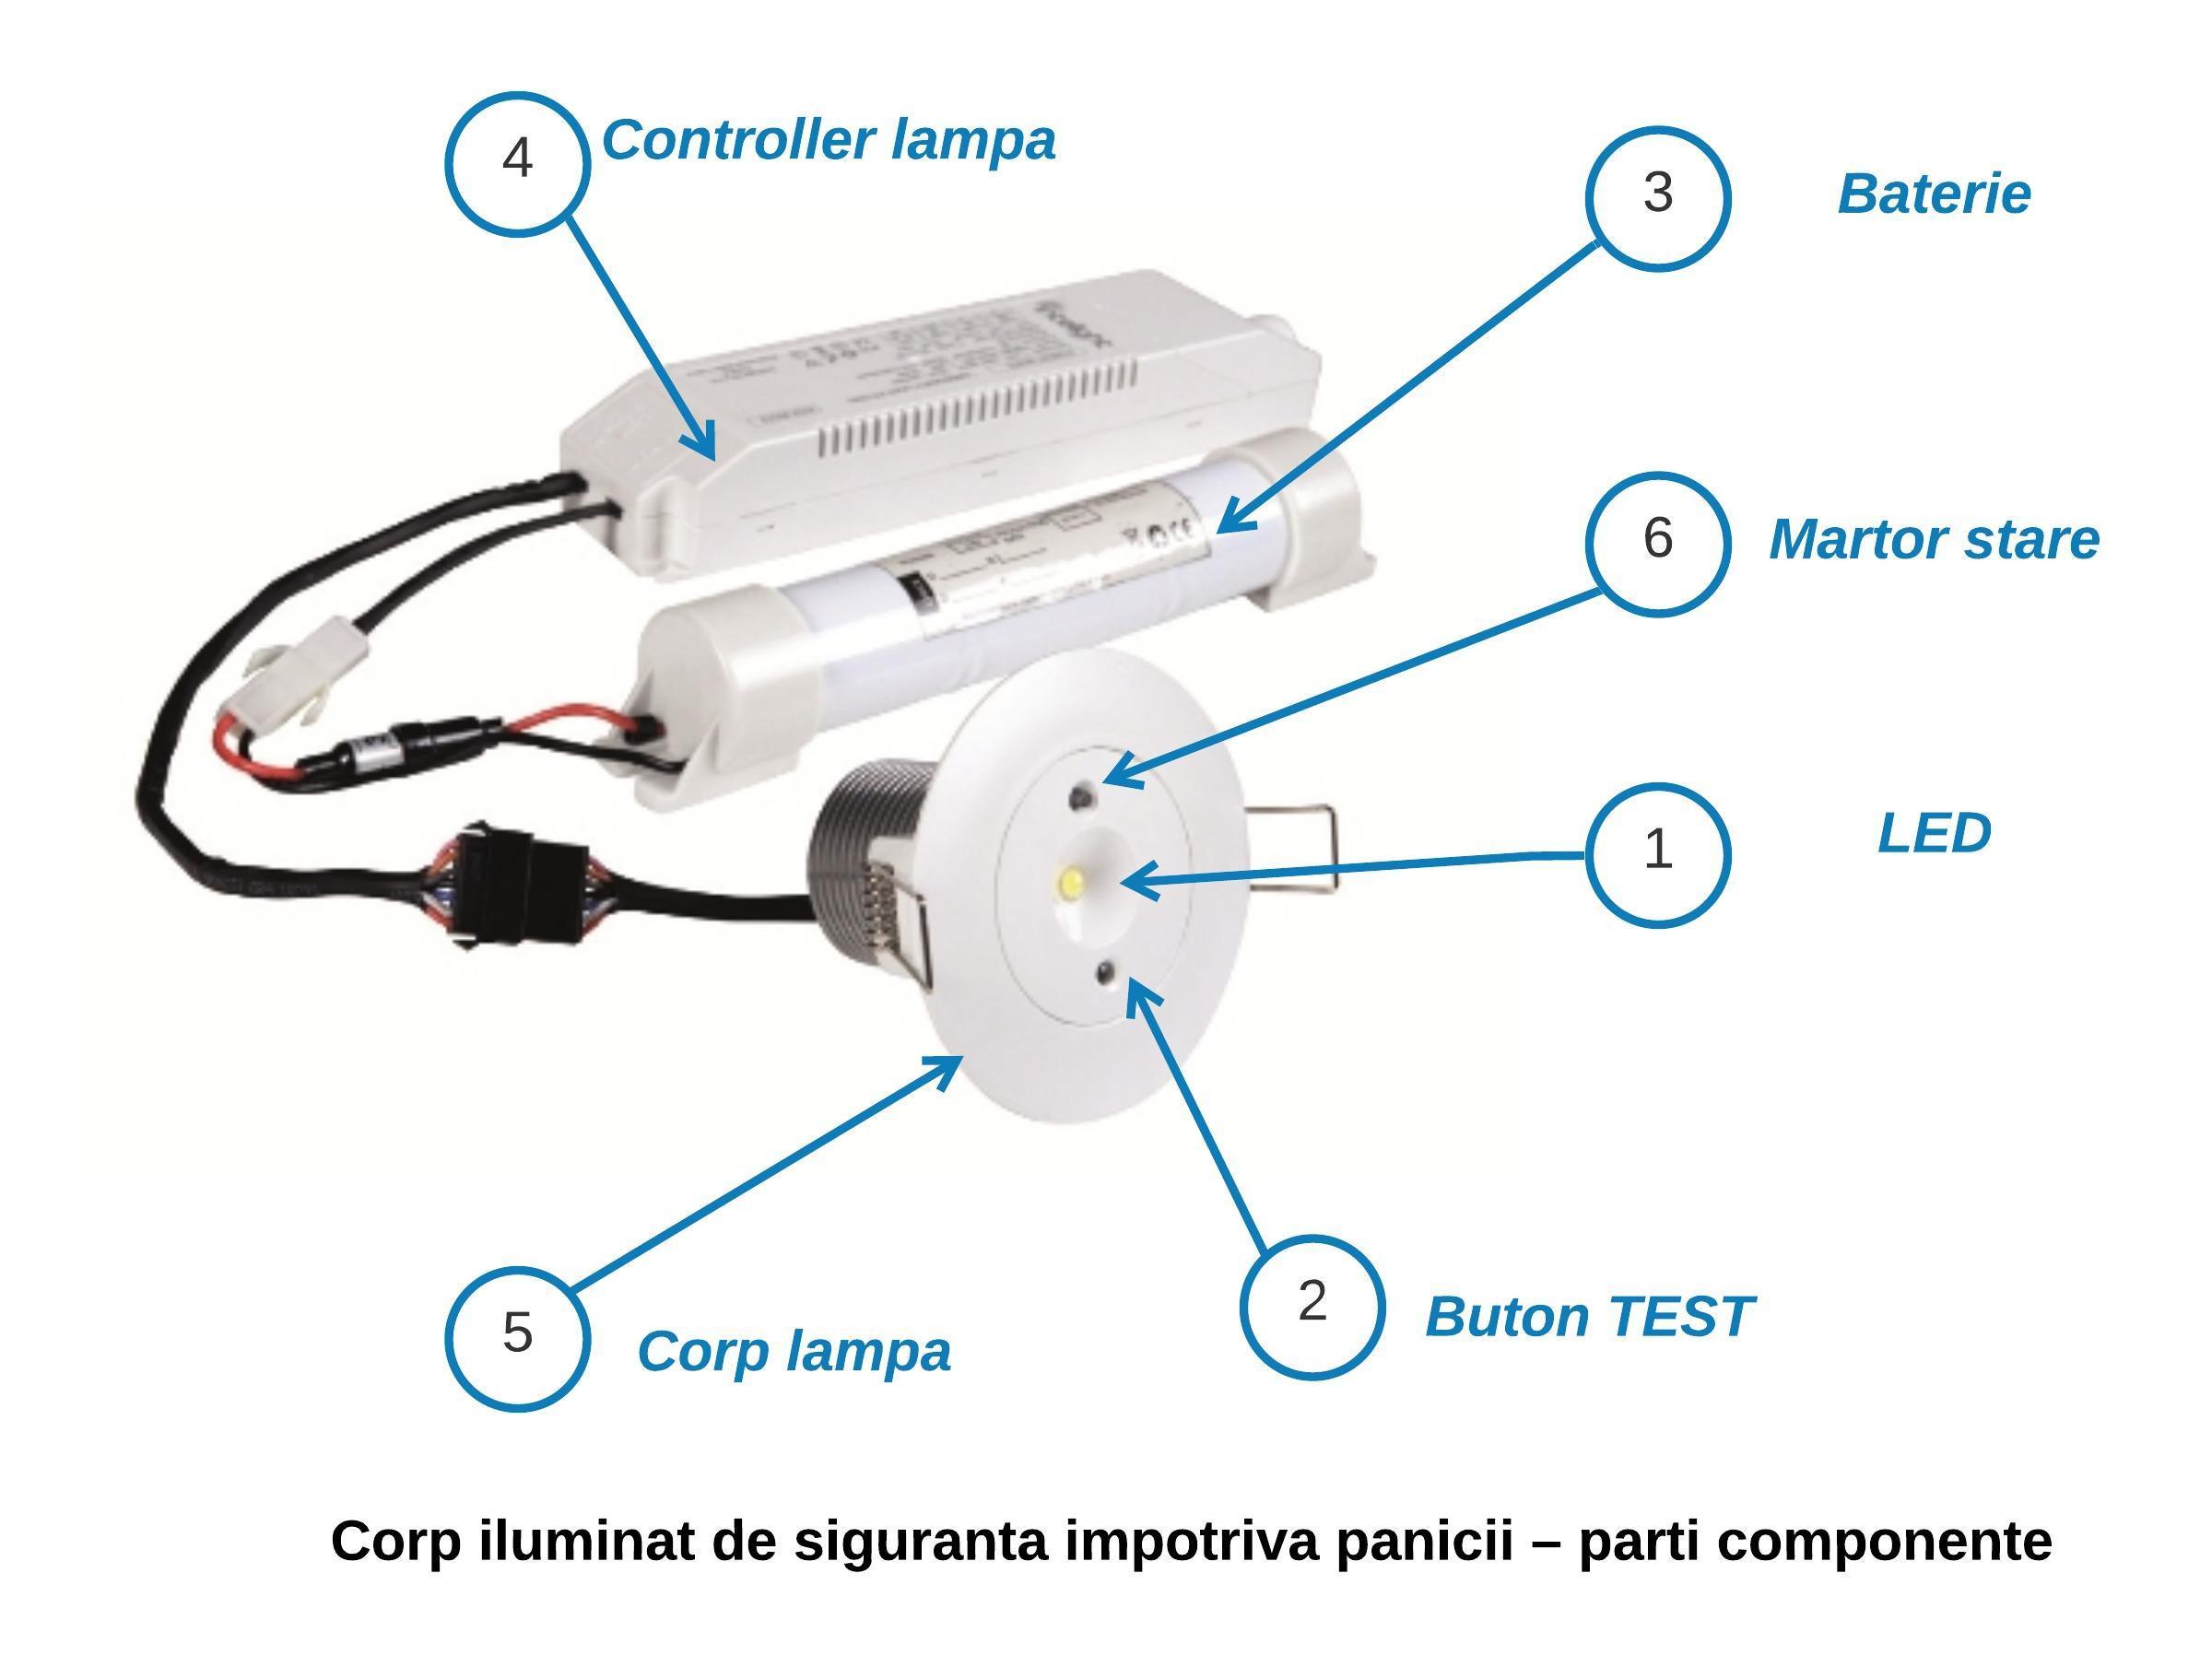 Corp iluminat de siguranta impotriva panicii – parti componente